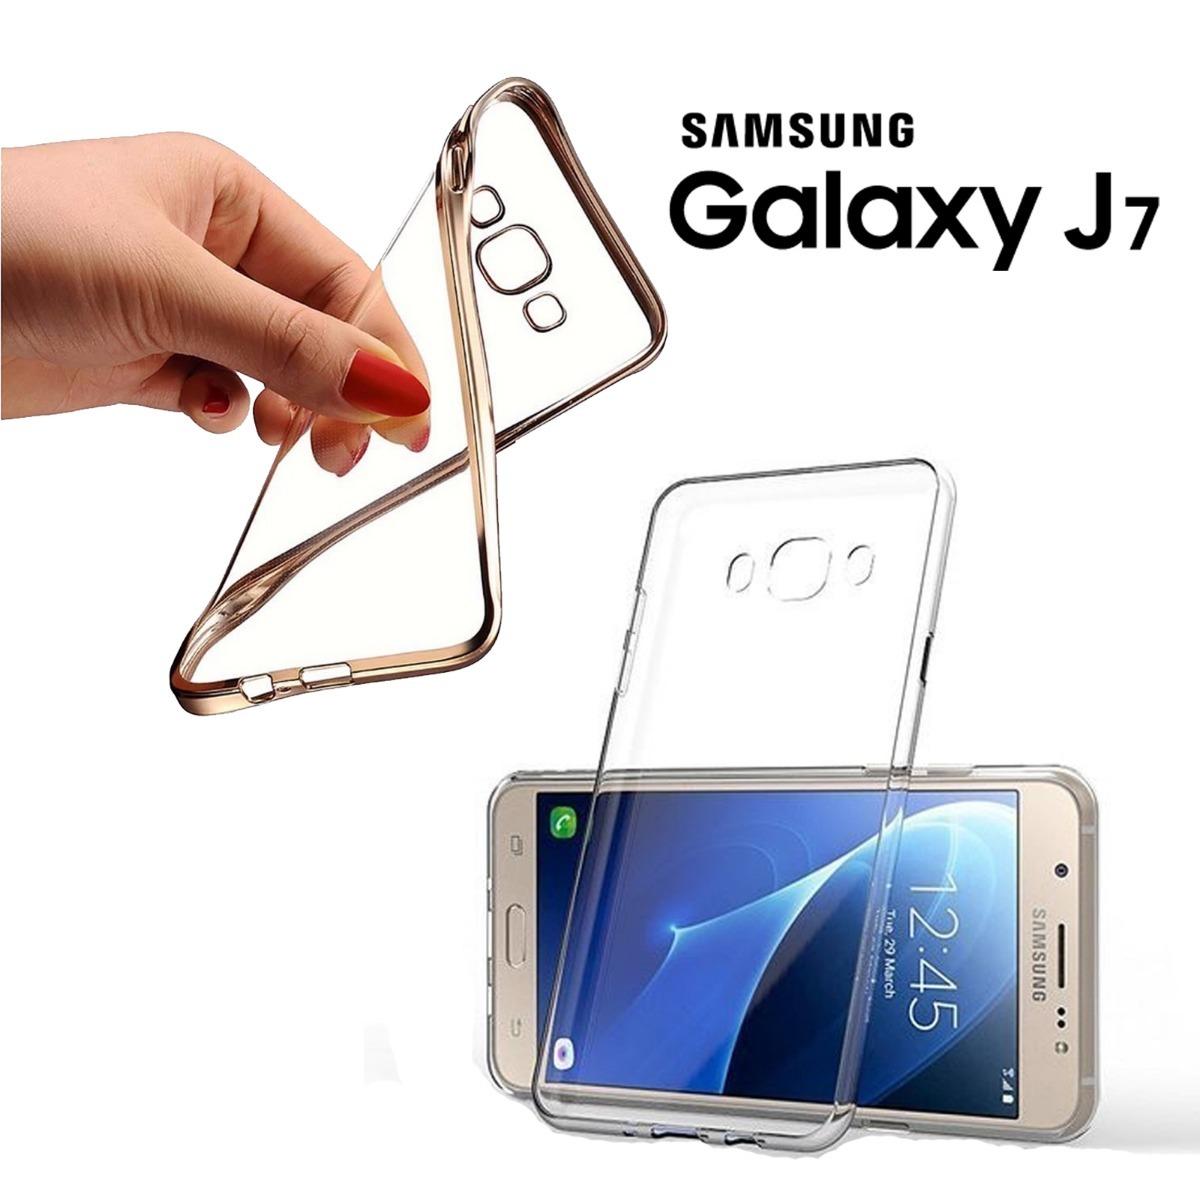 8c8633c6300 Samsung Galaxy J7 Funda Case Anti Golpes Protector - S/ 45,00 en Mercado  Libre